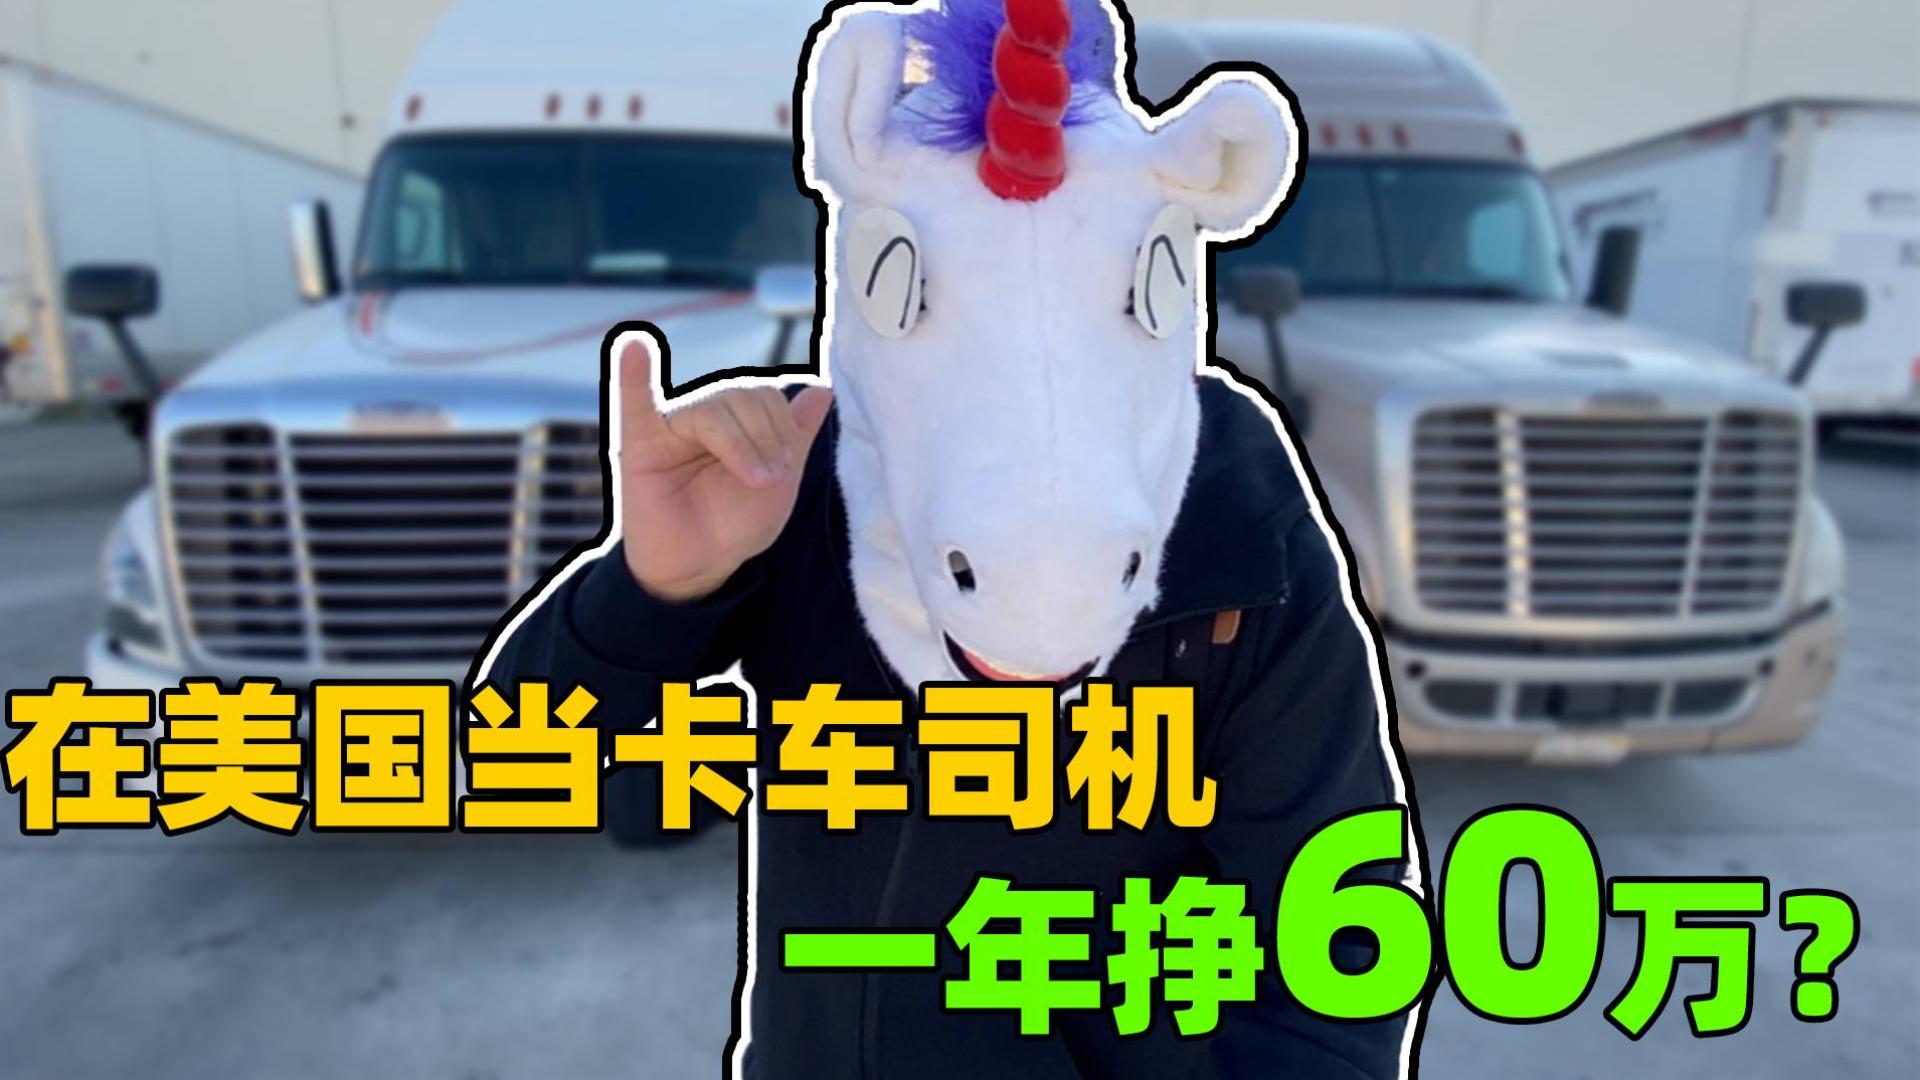 美国卡车司机一年赚60万?暴富都是别人的,角角只有自来水。